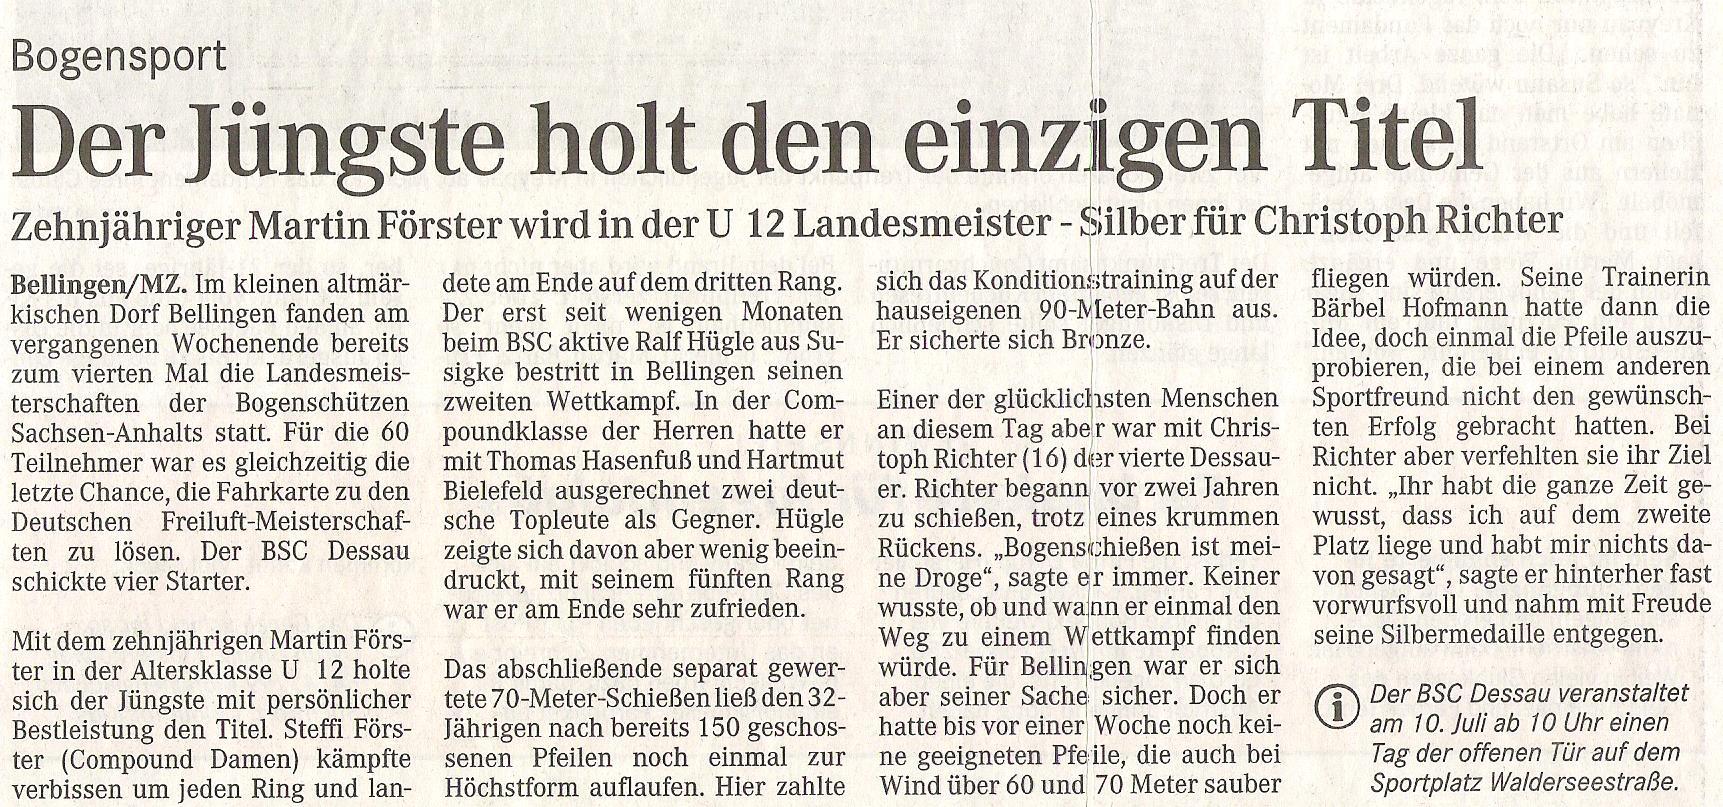 Landesmeisterschaft  Fita Scheibe in Bellingen -Mitteldeutsche Zeitung (Juni 2004)